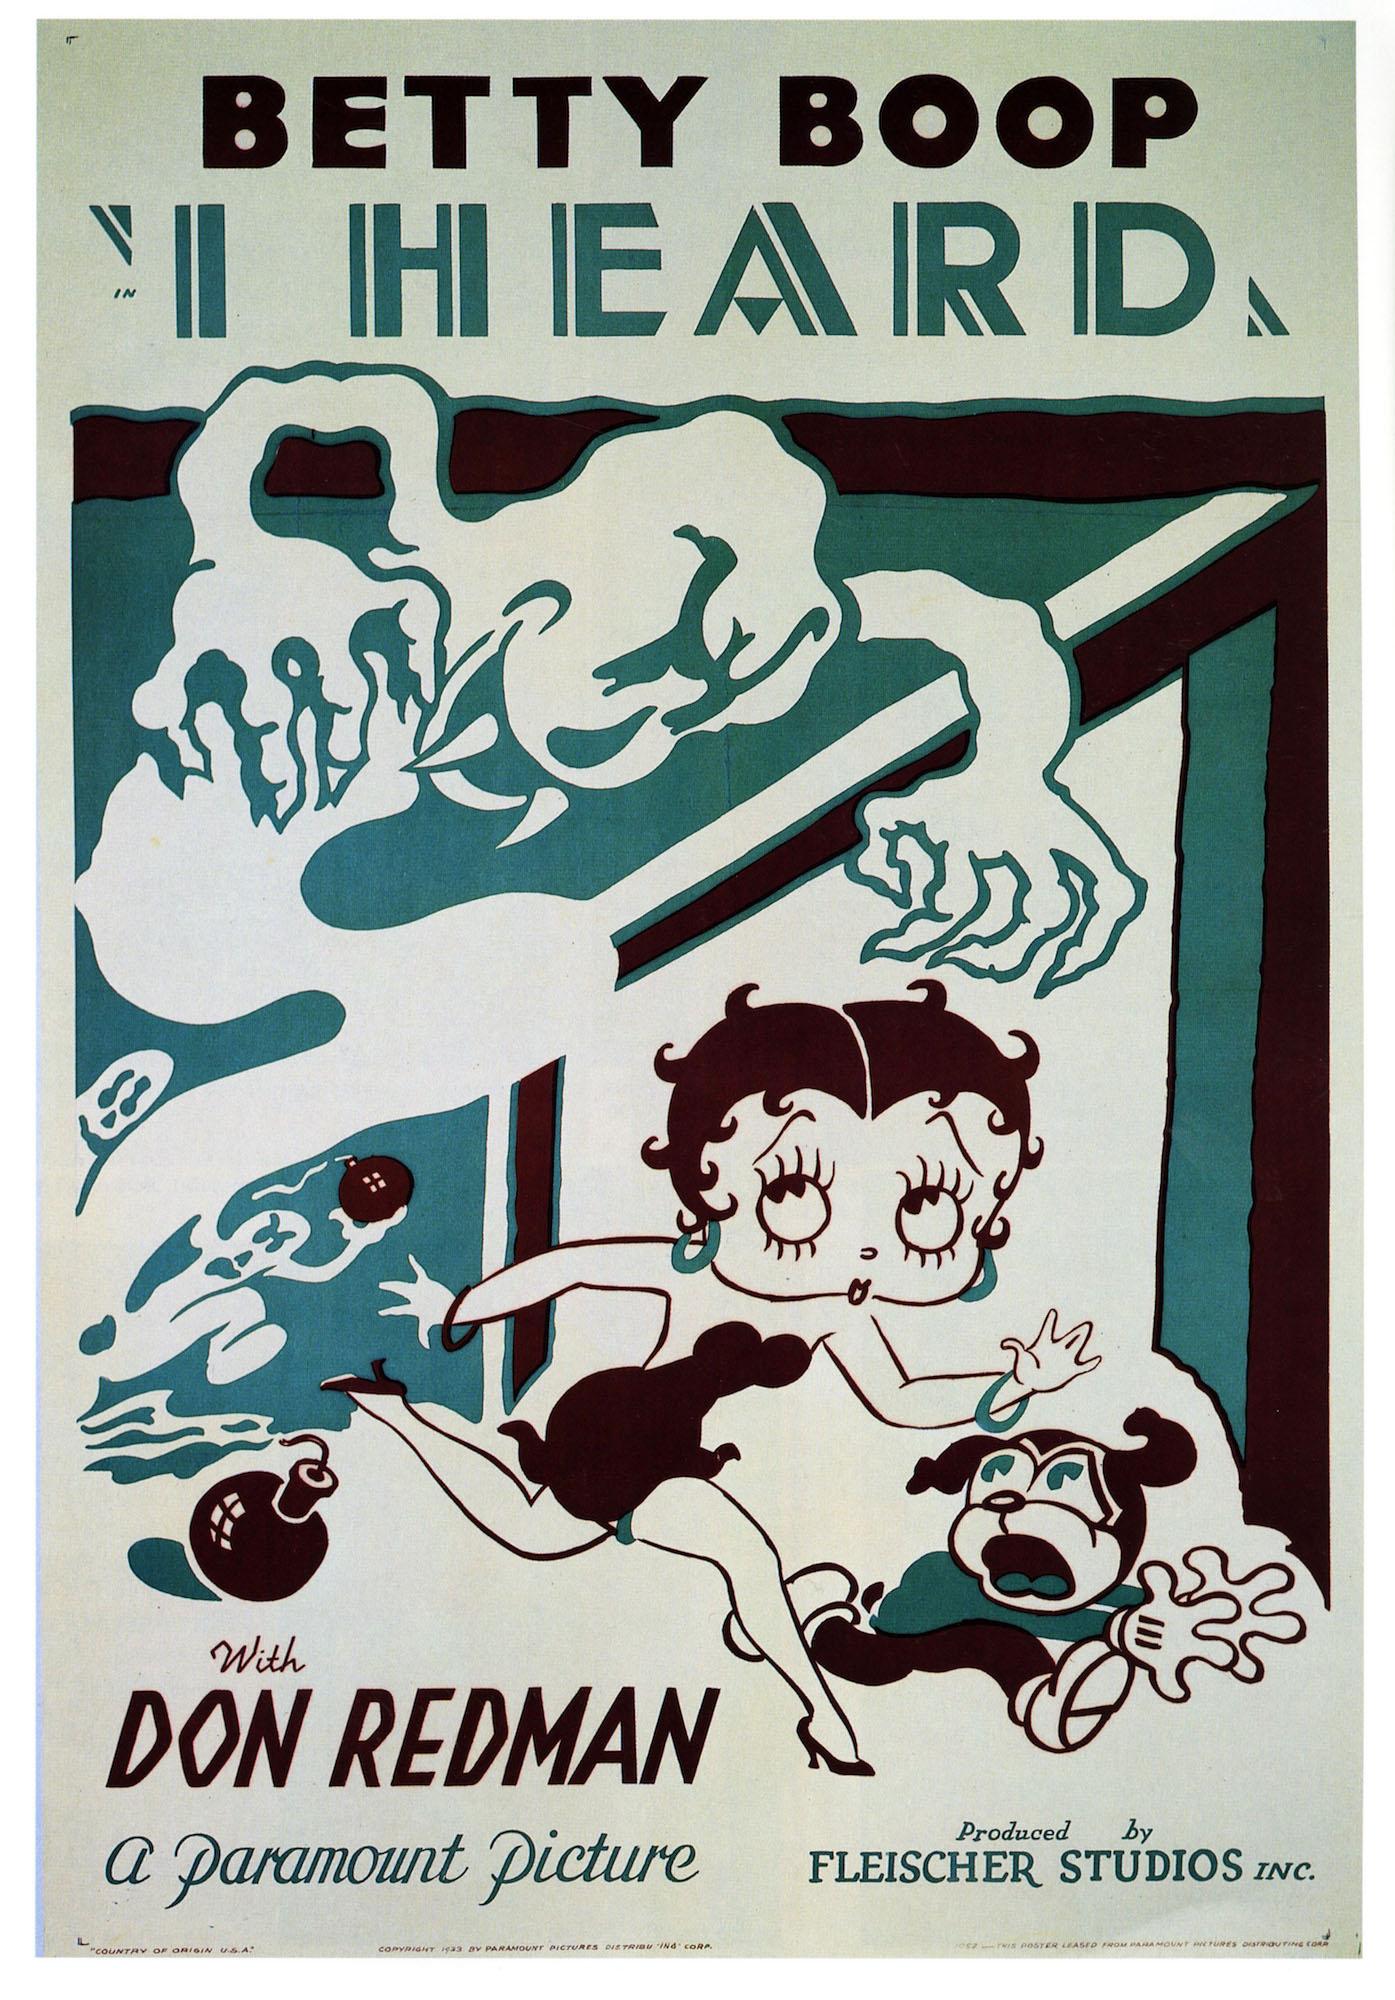 vintage werbung cartoon poster ich horte betty boop klassische leinwand gemalde vintage wand poster aufkleber home decor geschenk